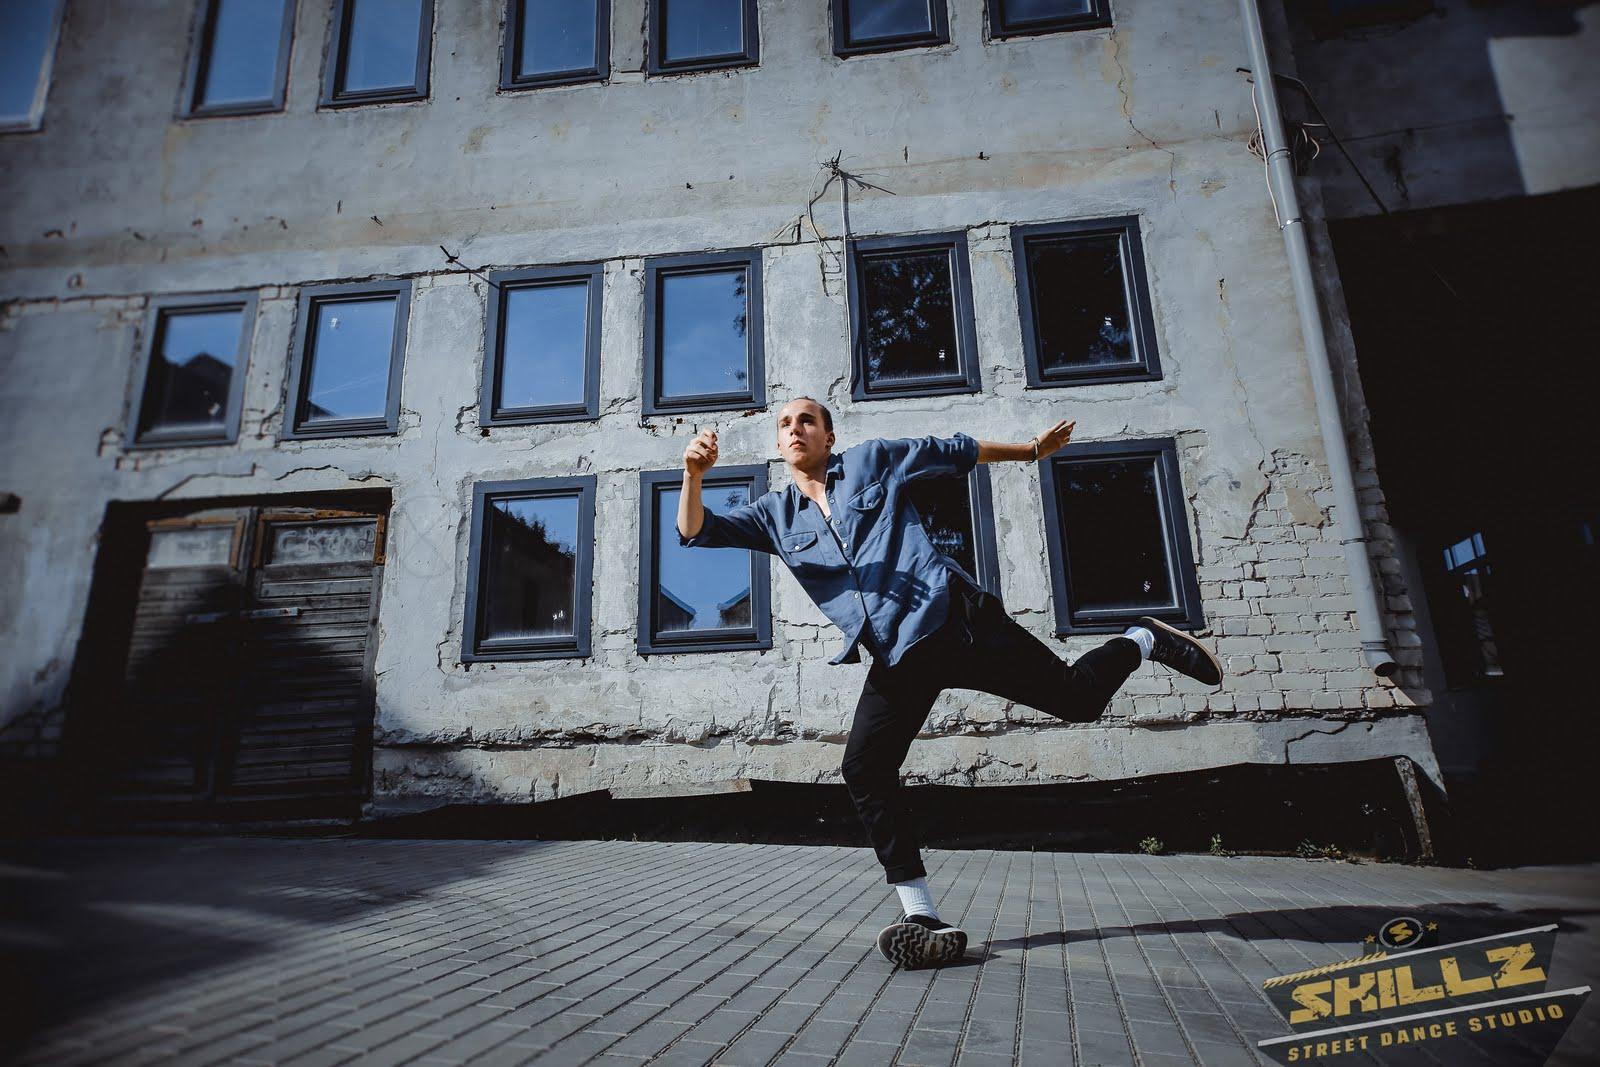 Treneriu fotosesija - _MG_2790.jpg